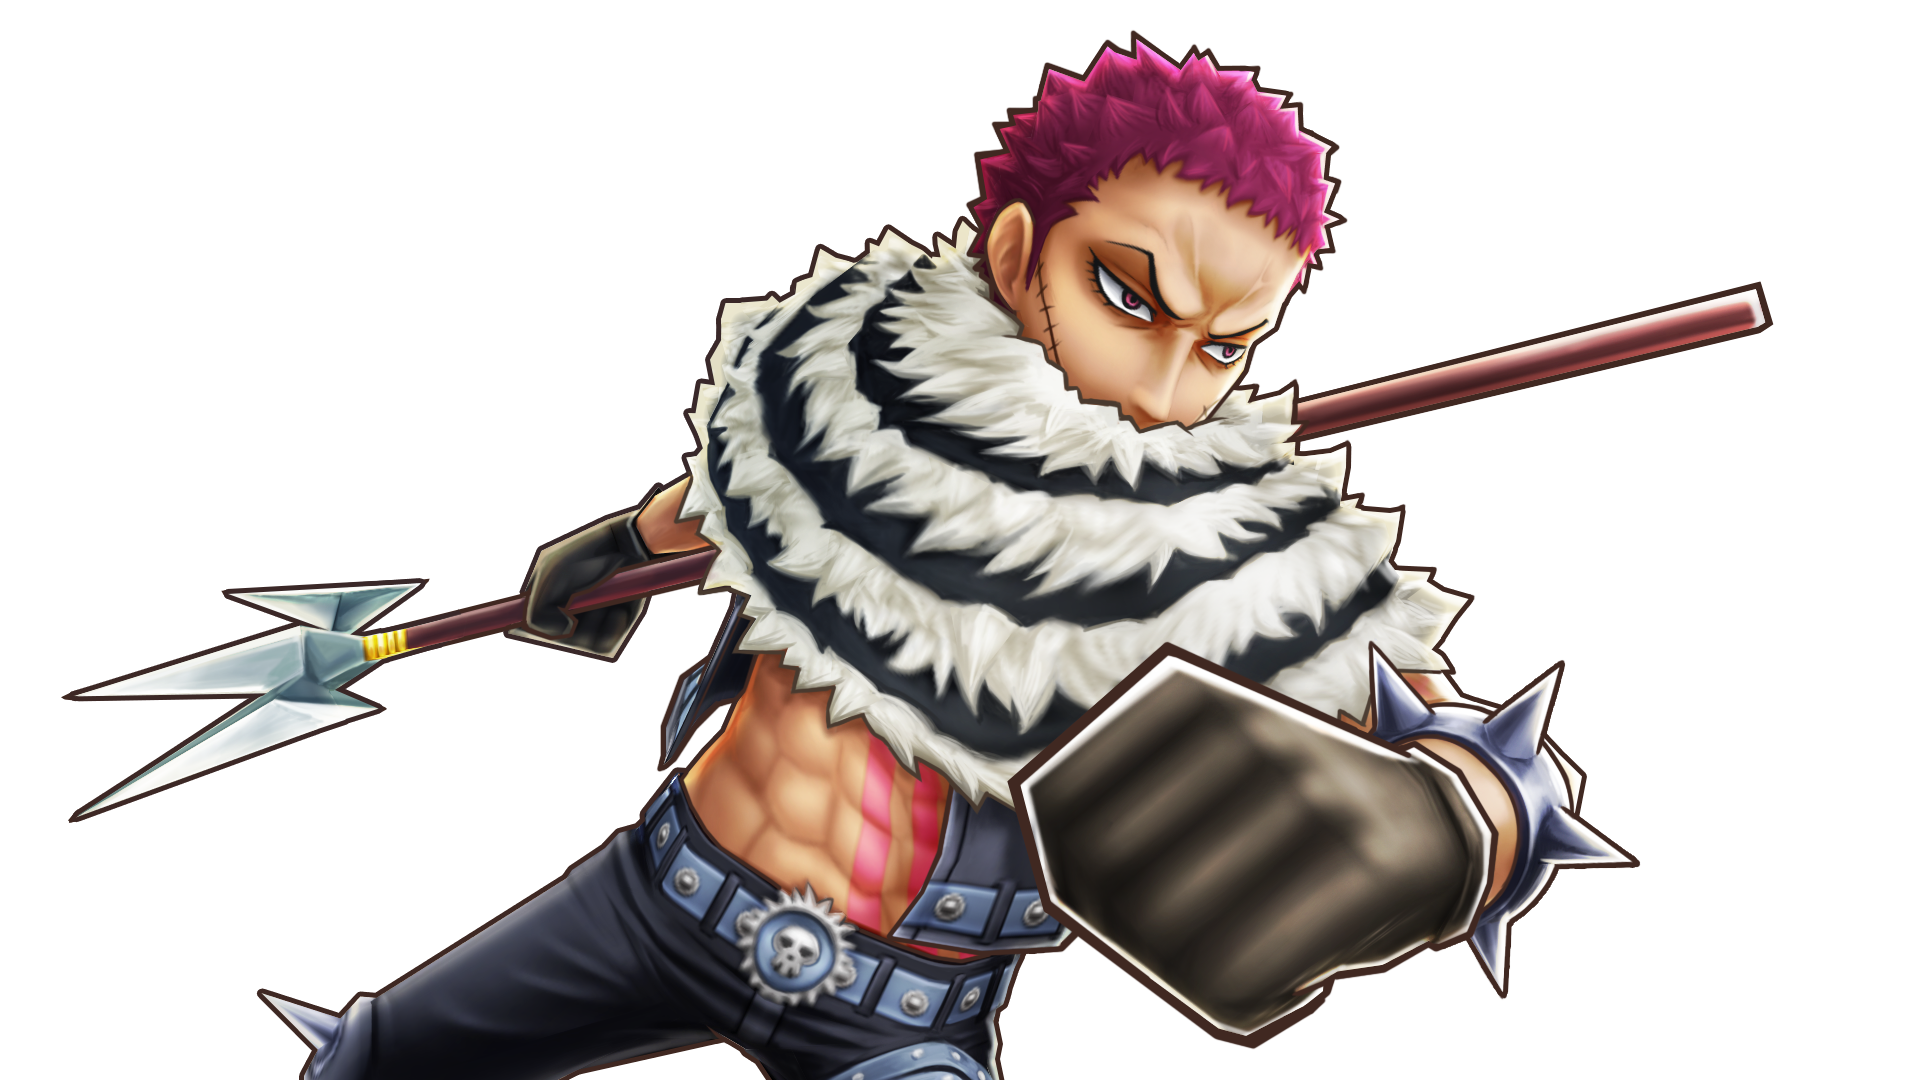 難関 モチモチの実の覚醒者 公式 サウスト One Piece サウザンド